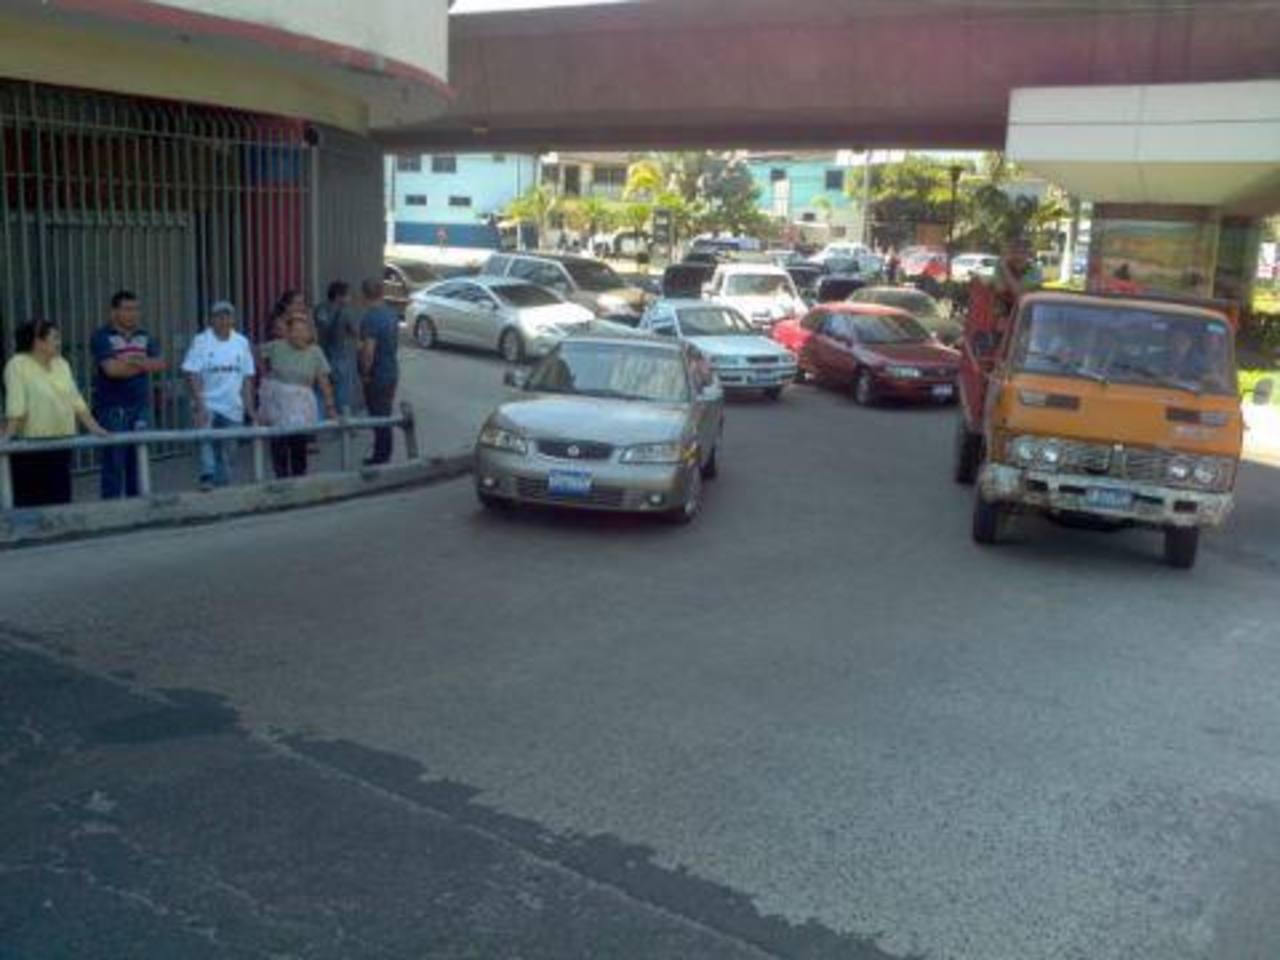 Zona donde fue atropellada la mujer. El hecho generó un fuerte tráfico en los alrededores. Foto vía Twitter Lissette Lemus